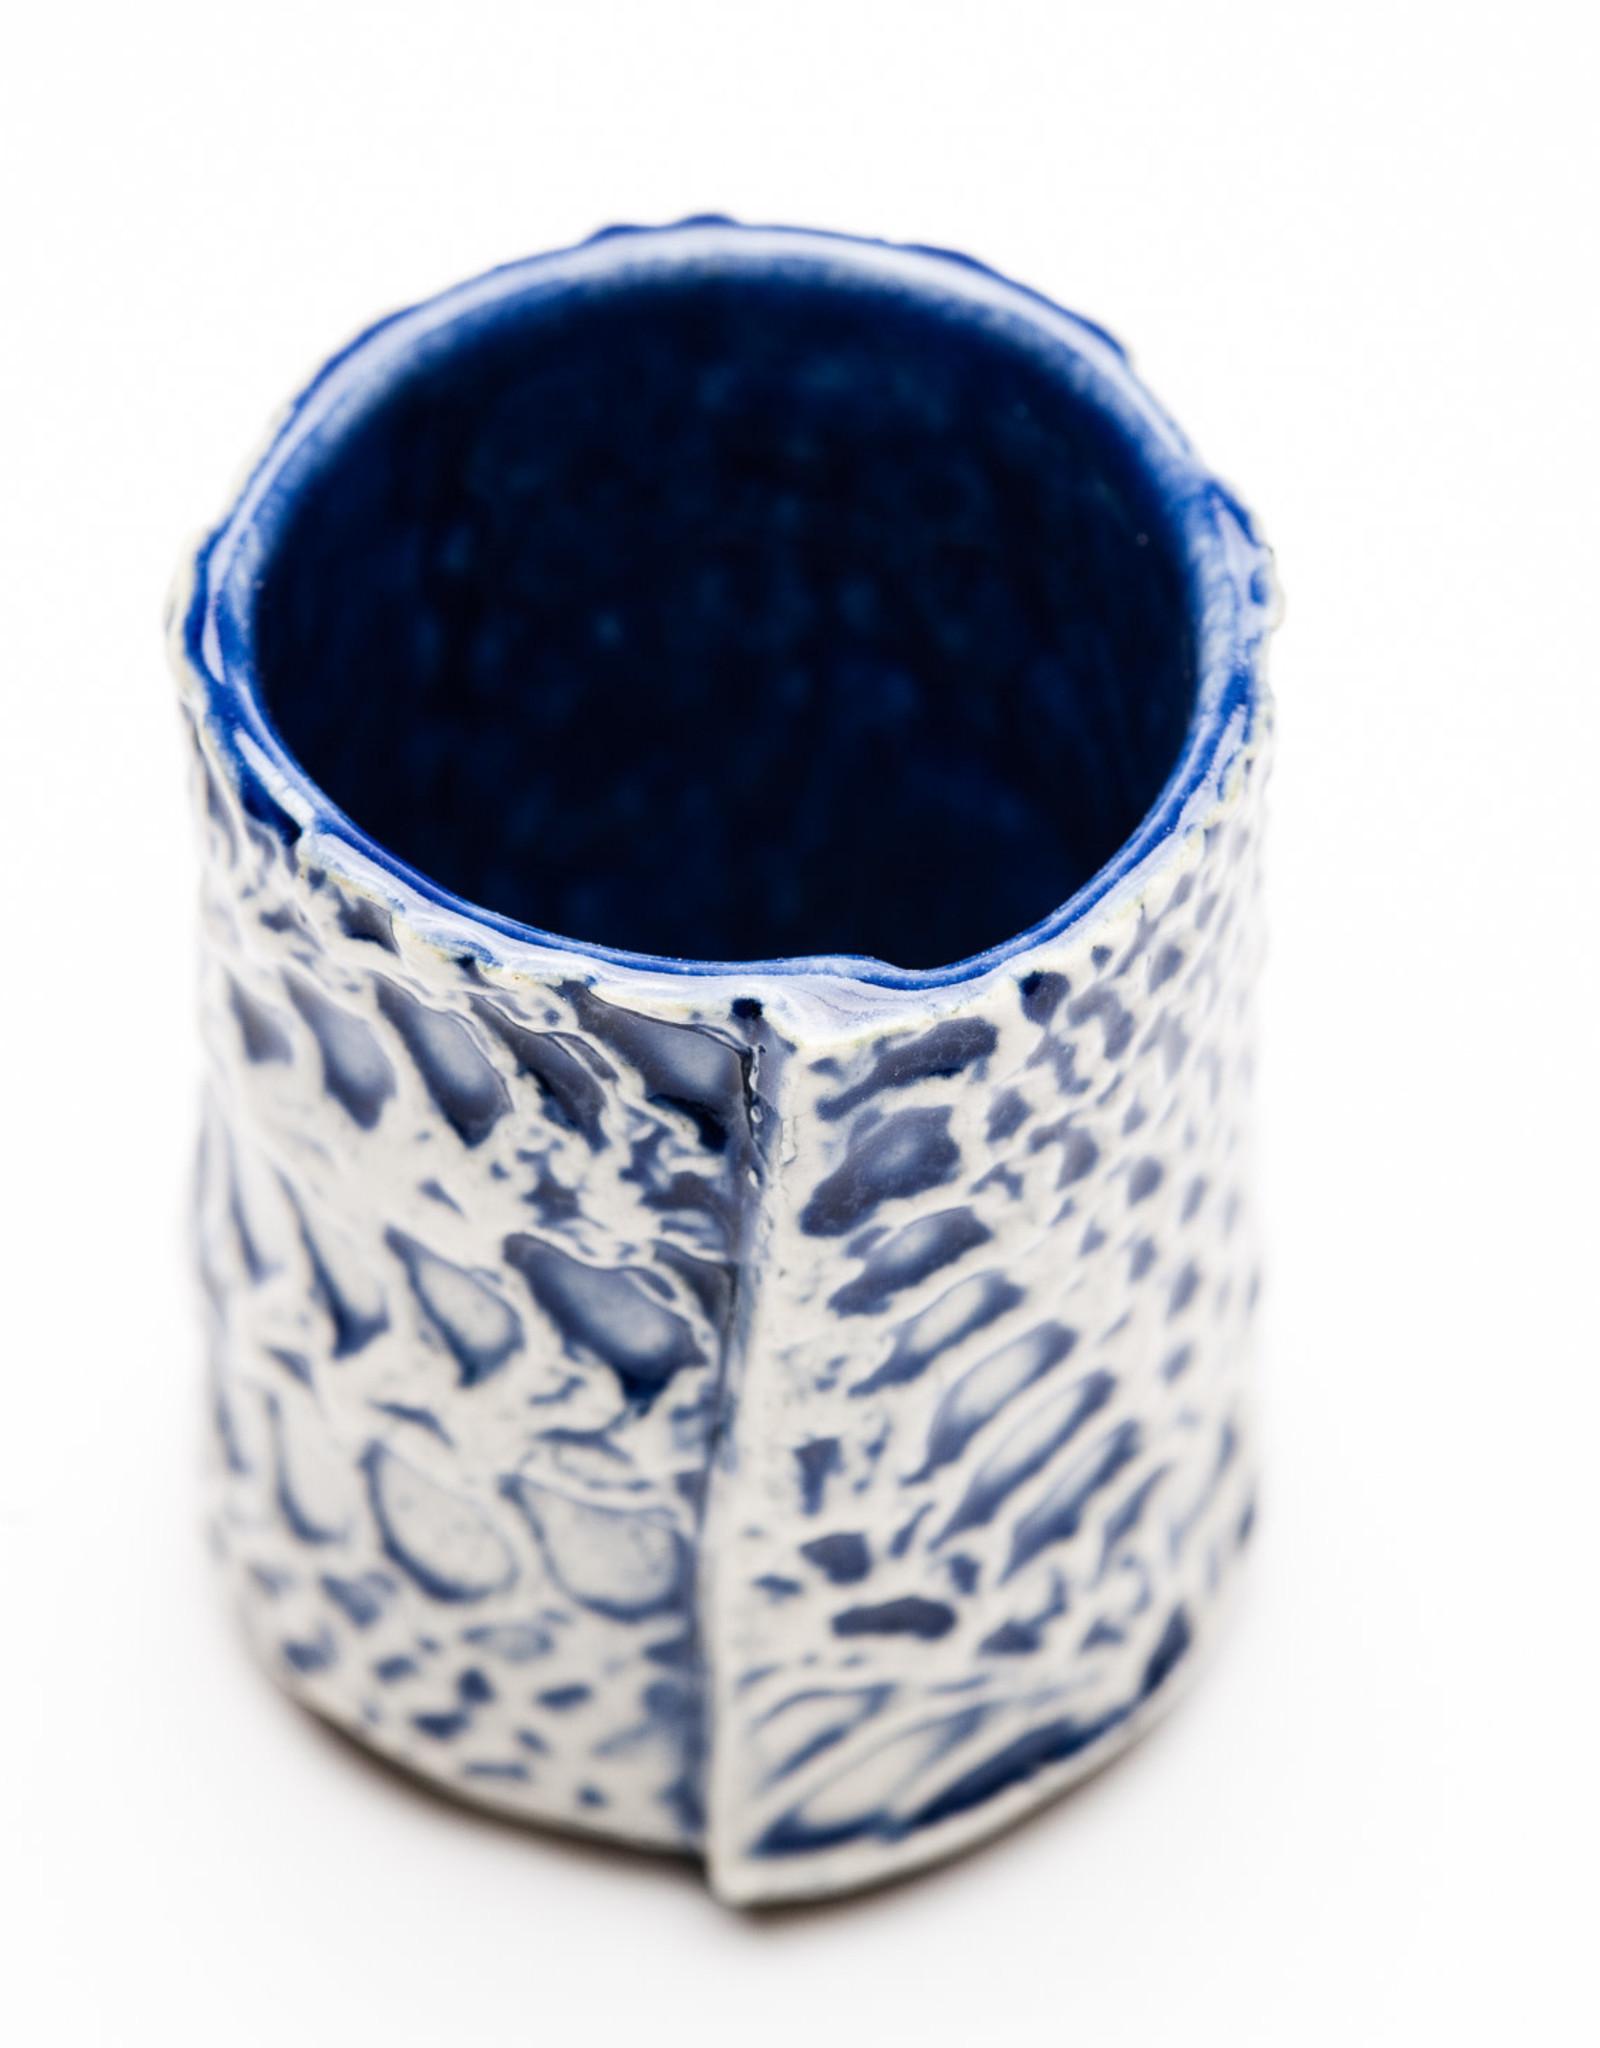 Yokky Wong Knitwork Small Cup 2